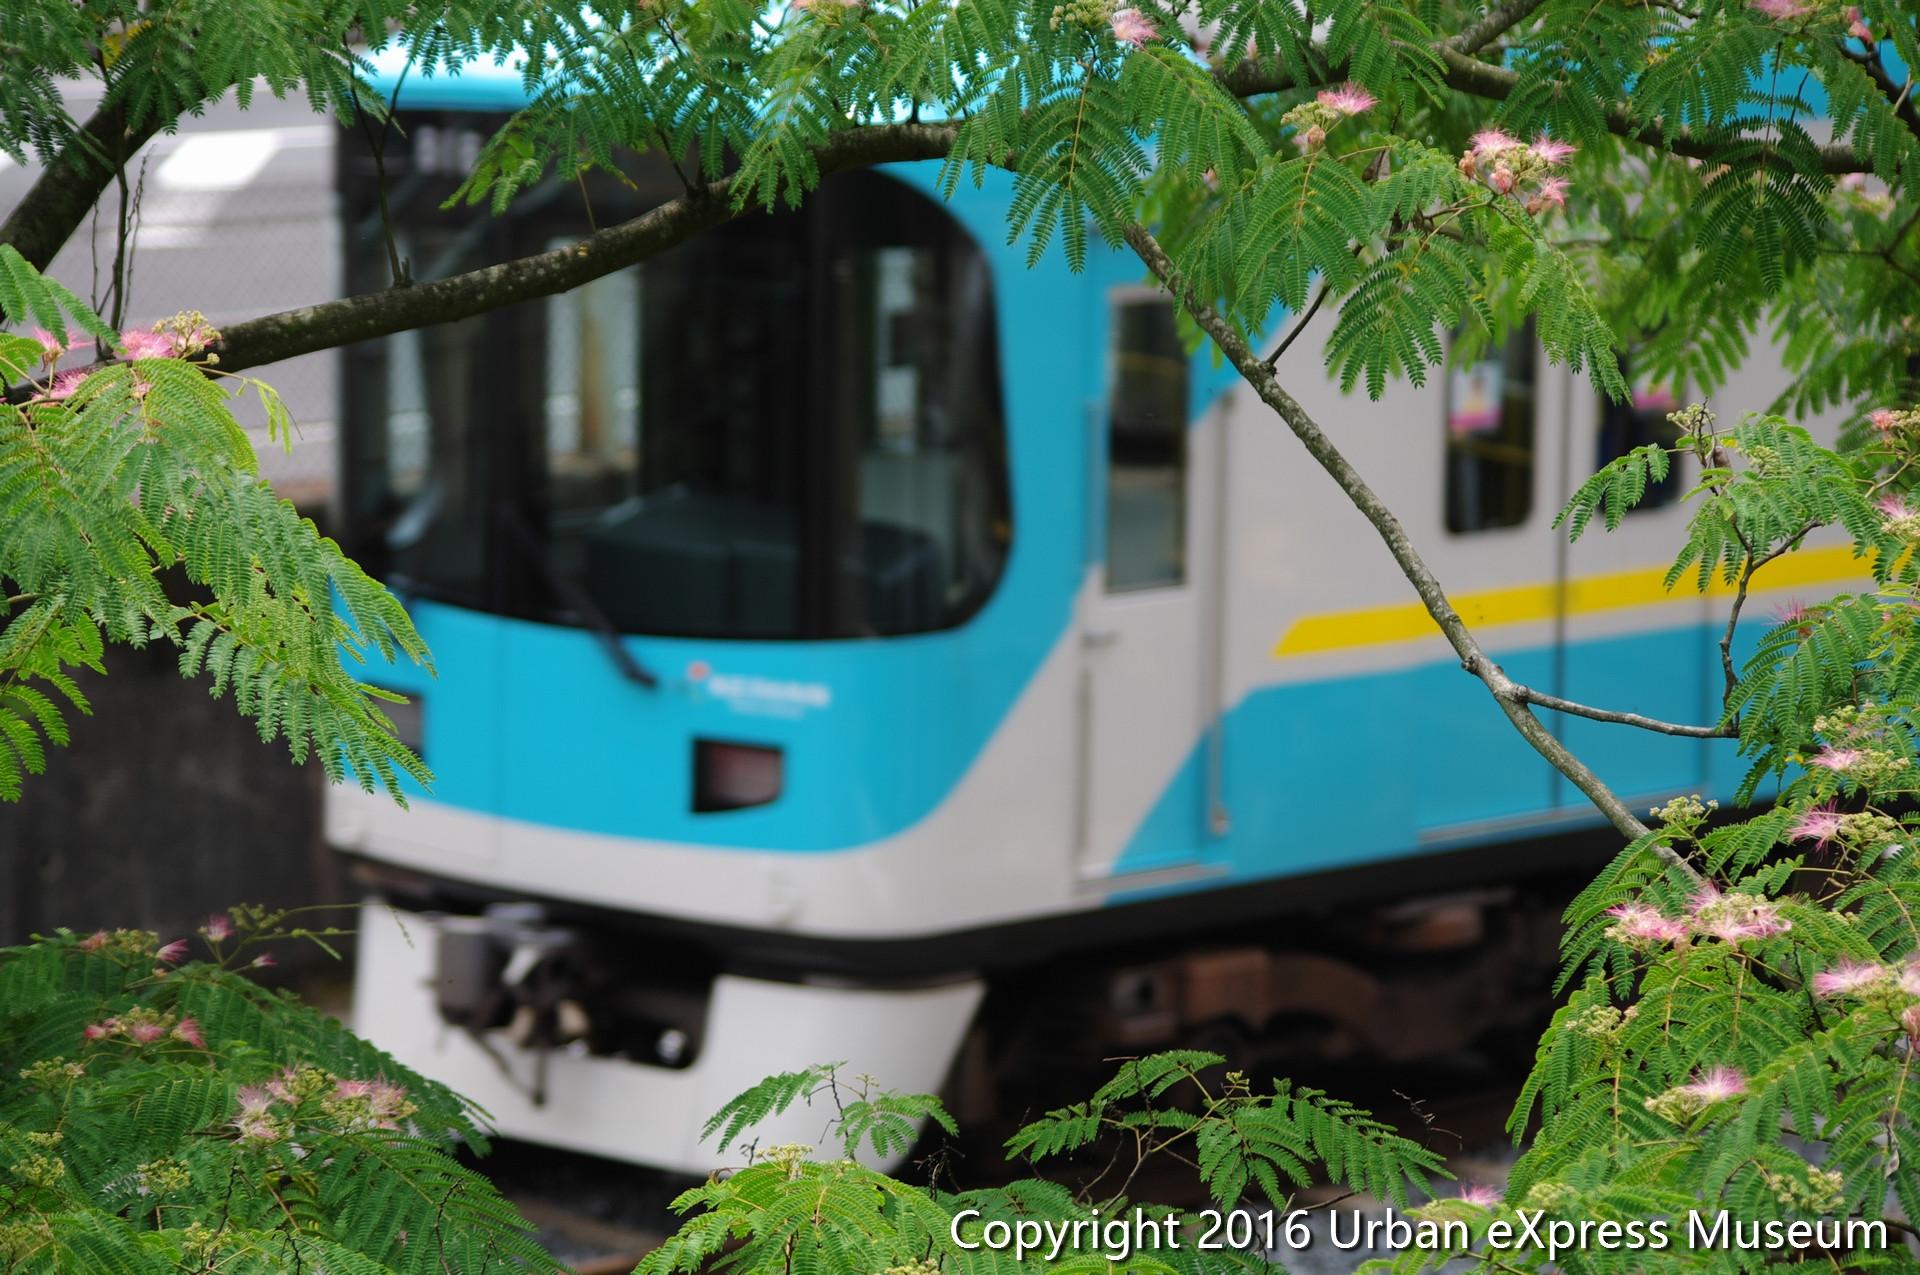 京阪800系 - 緑に囲まれて - Urban eXpress Museum